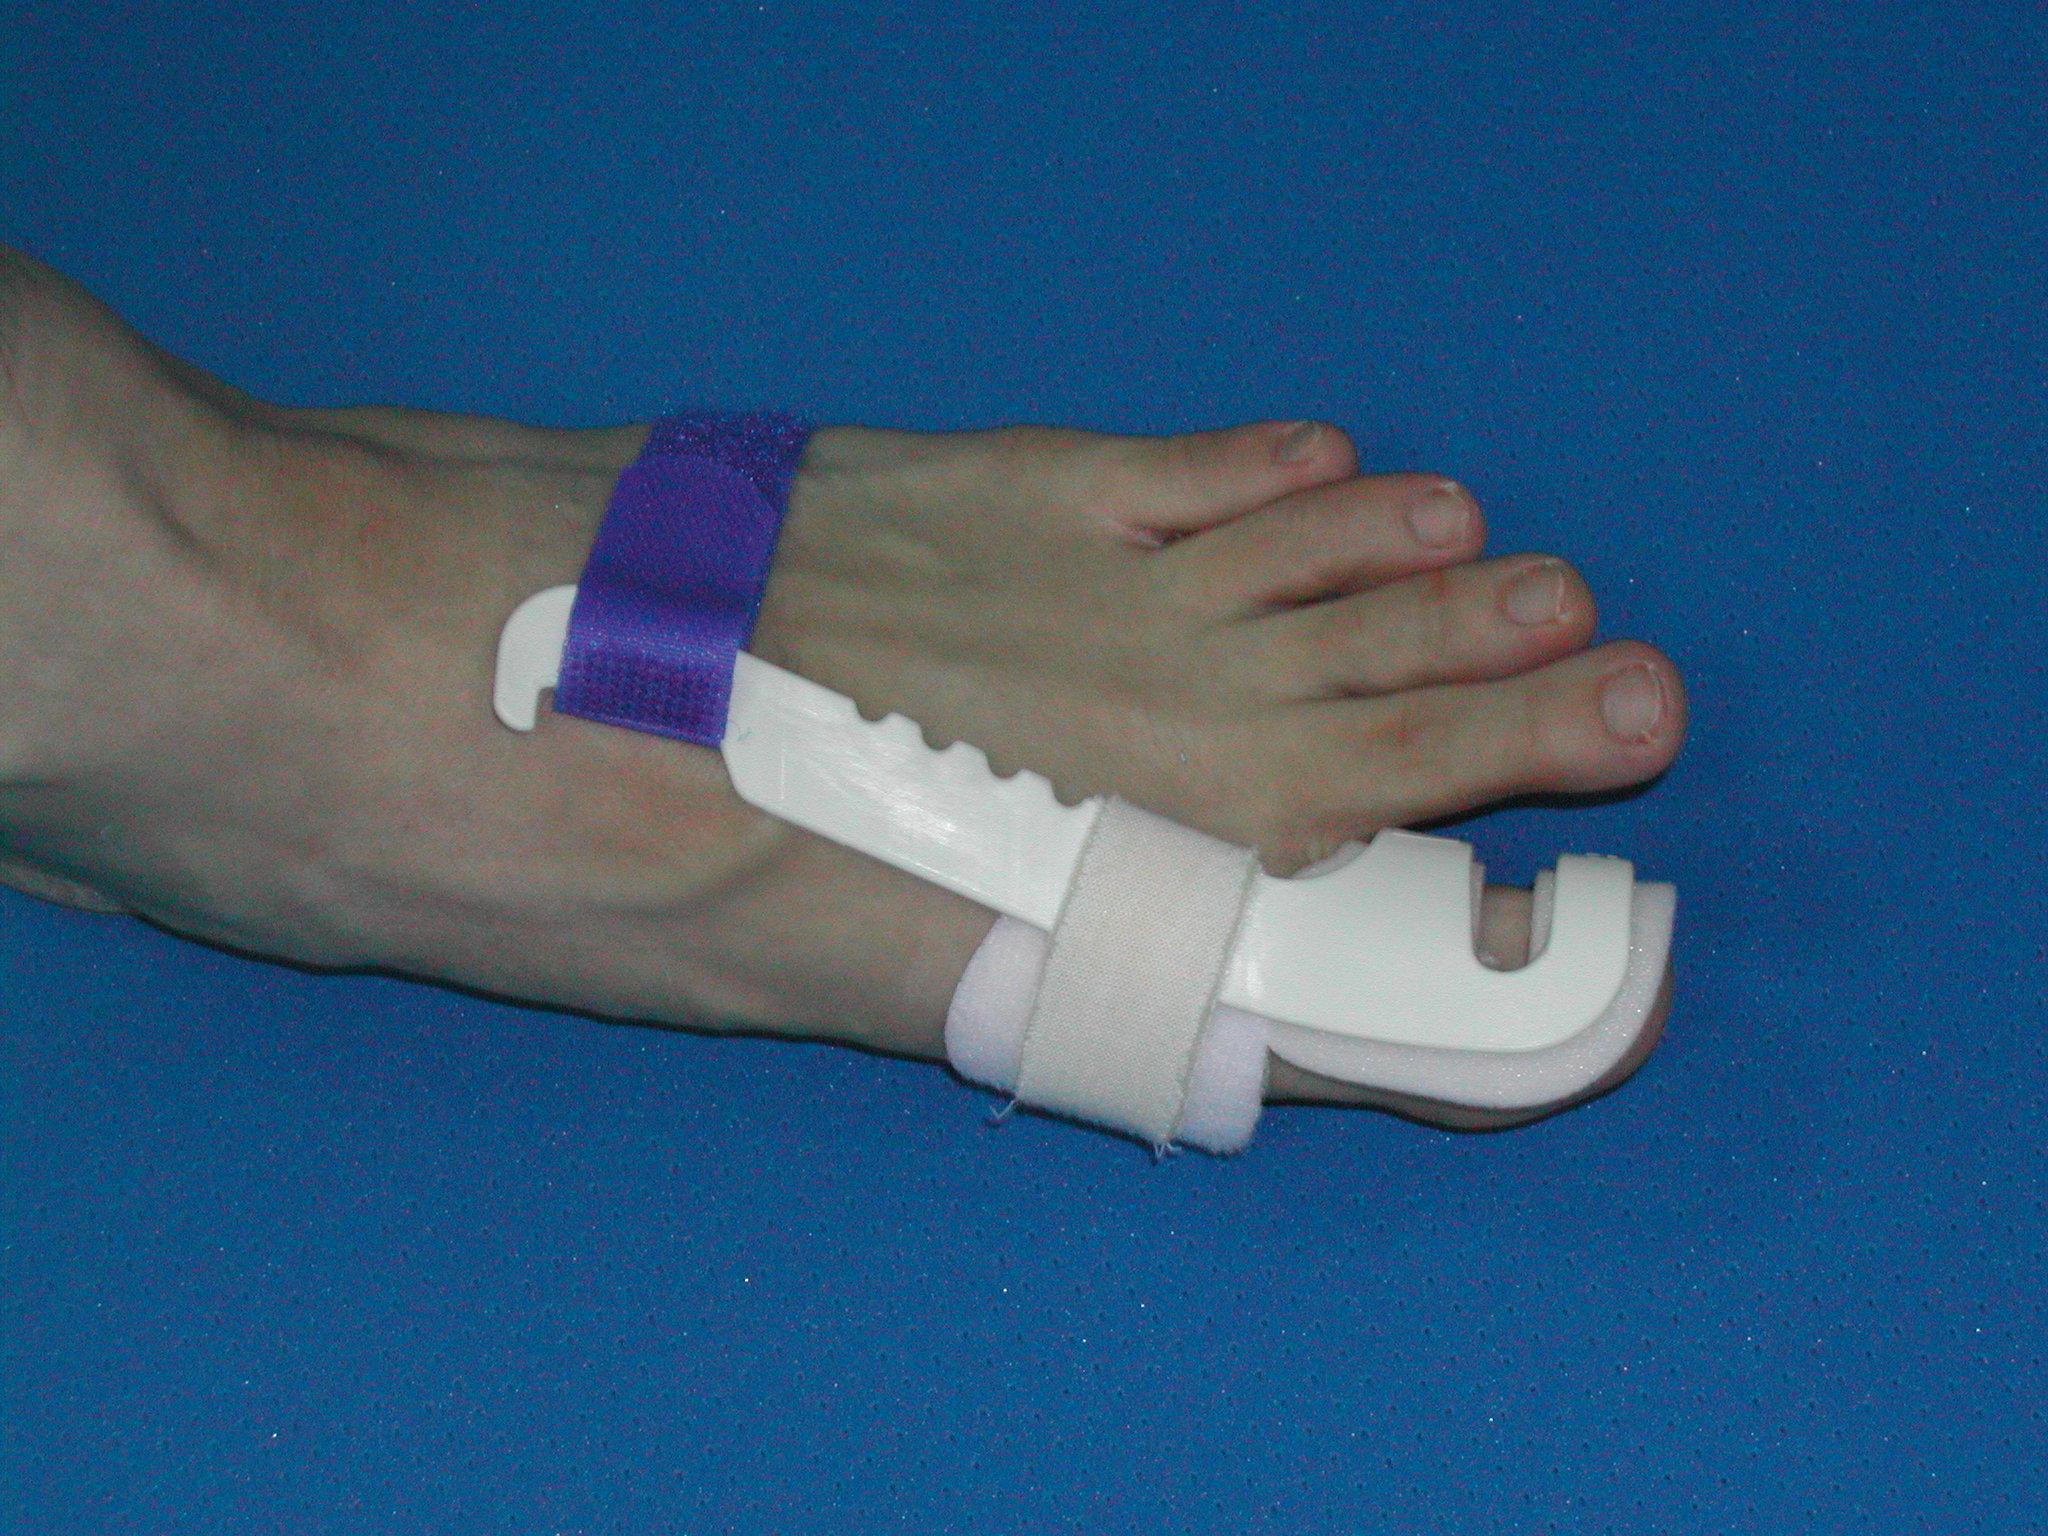 矯形及義肢服務 Hatha 主頁 物理治療服務 物理治療師 加入我們 專職醫療服務 環宇綜合健康